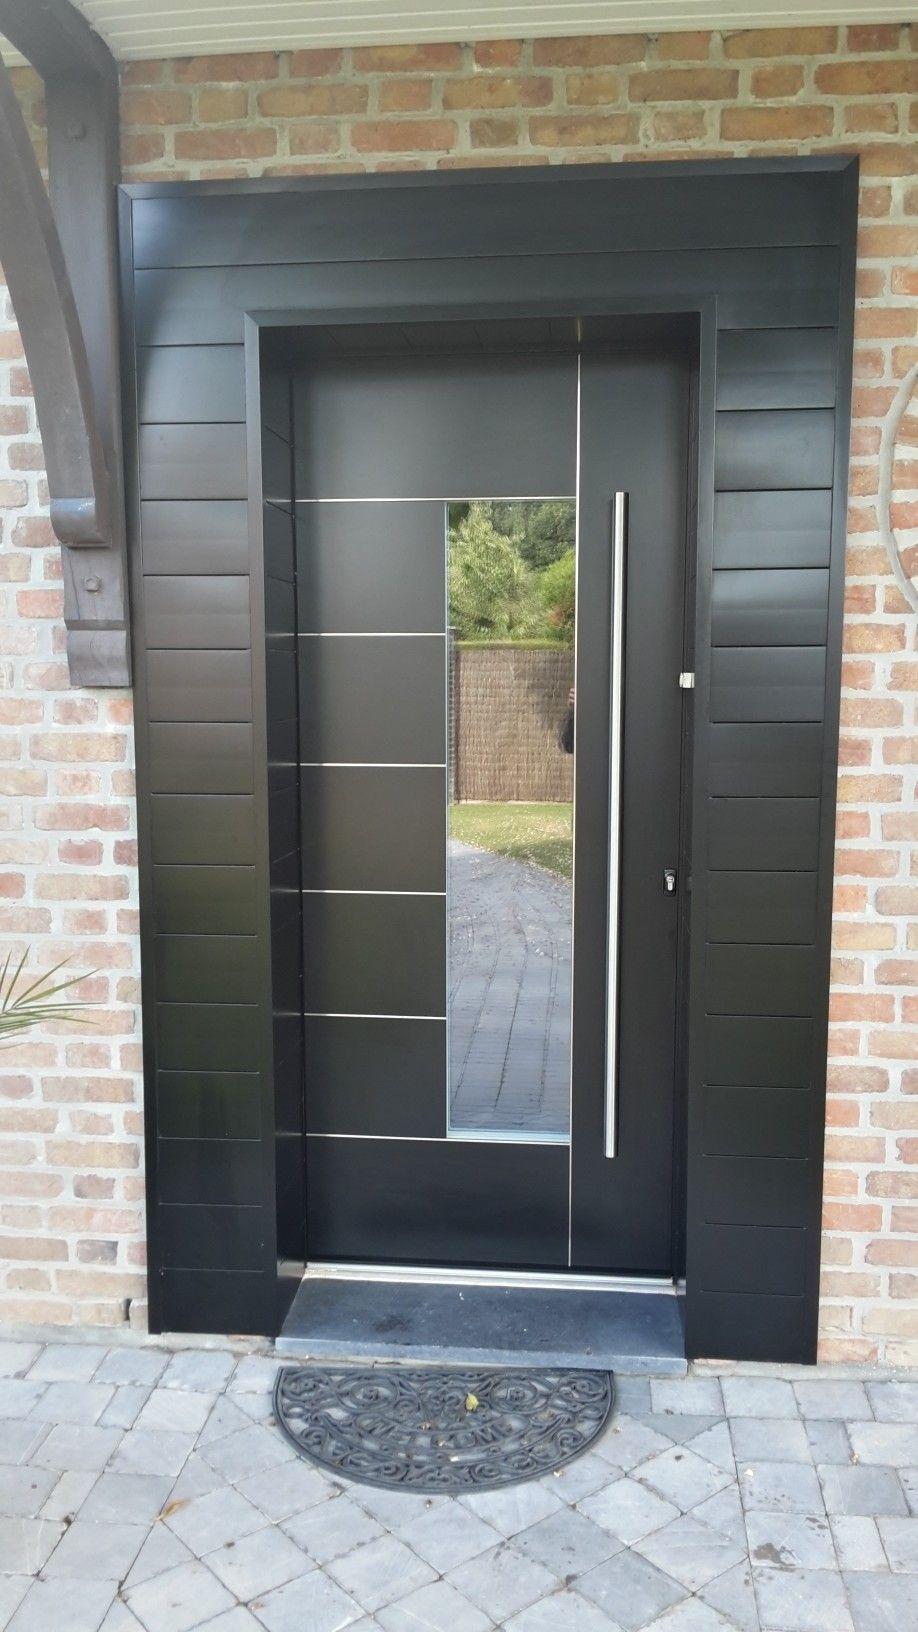 Porte Dentrée Aluminium Série Reynaers CS Modèle Adeco Metris - Porte de garage sectionnelle avec porte d entree pvc vitree